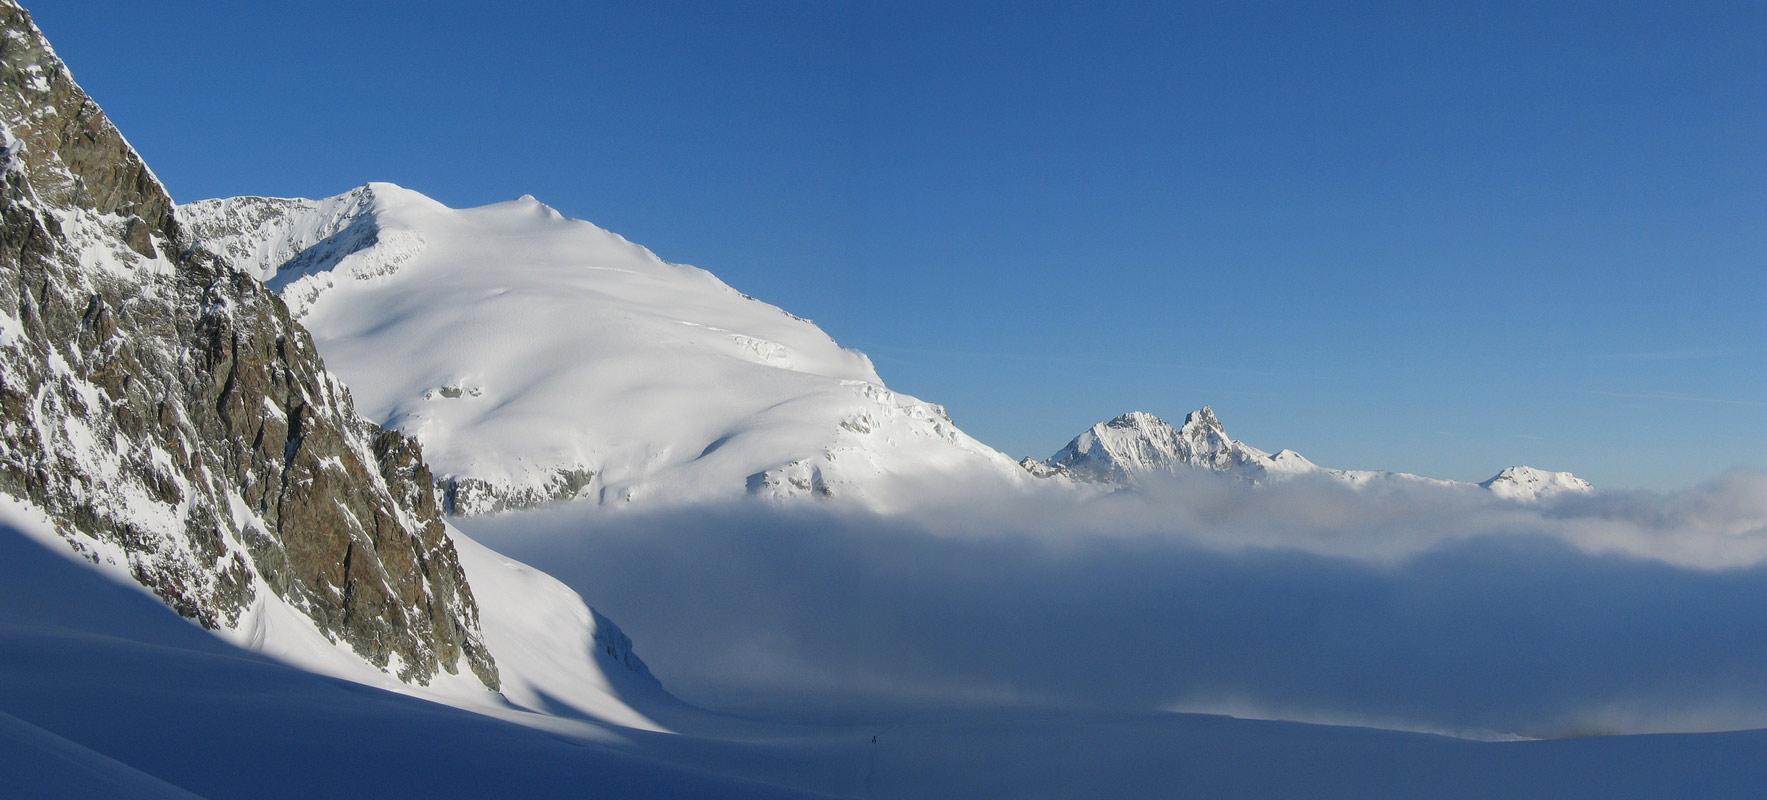 Col Valpelline, Day 6 H.R. Chamonix-Zermatt Walliser Alpen / Alpes valaisannes Schweiz panorama 29